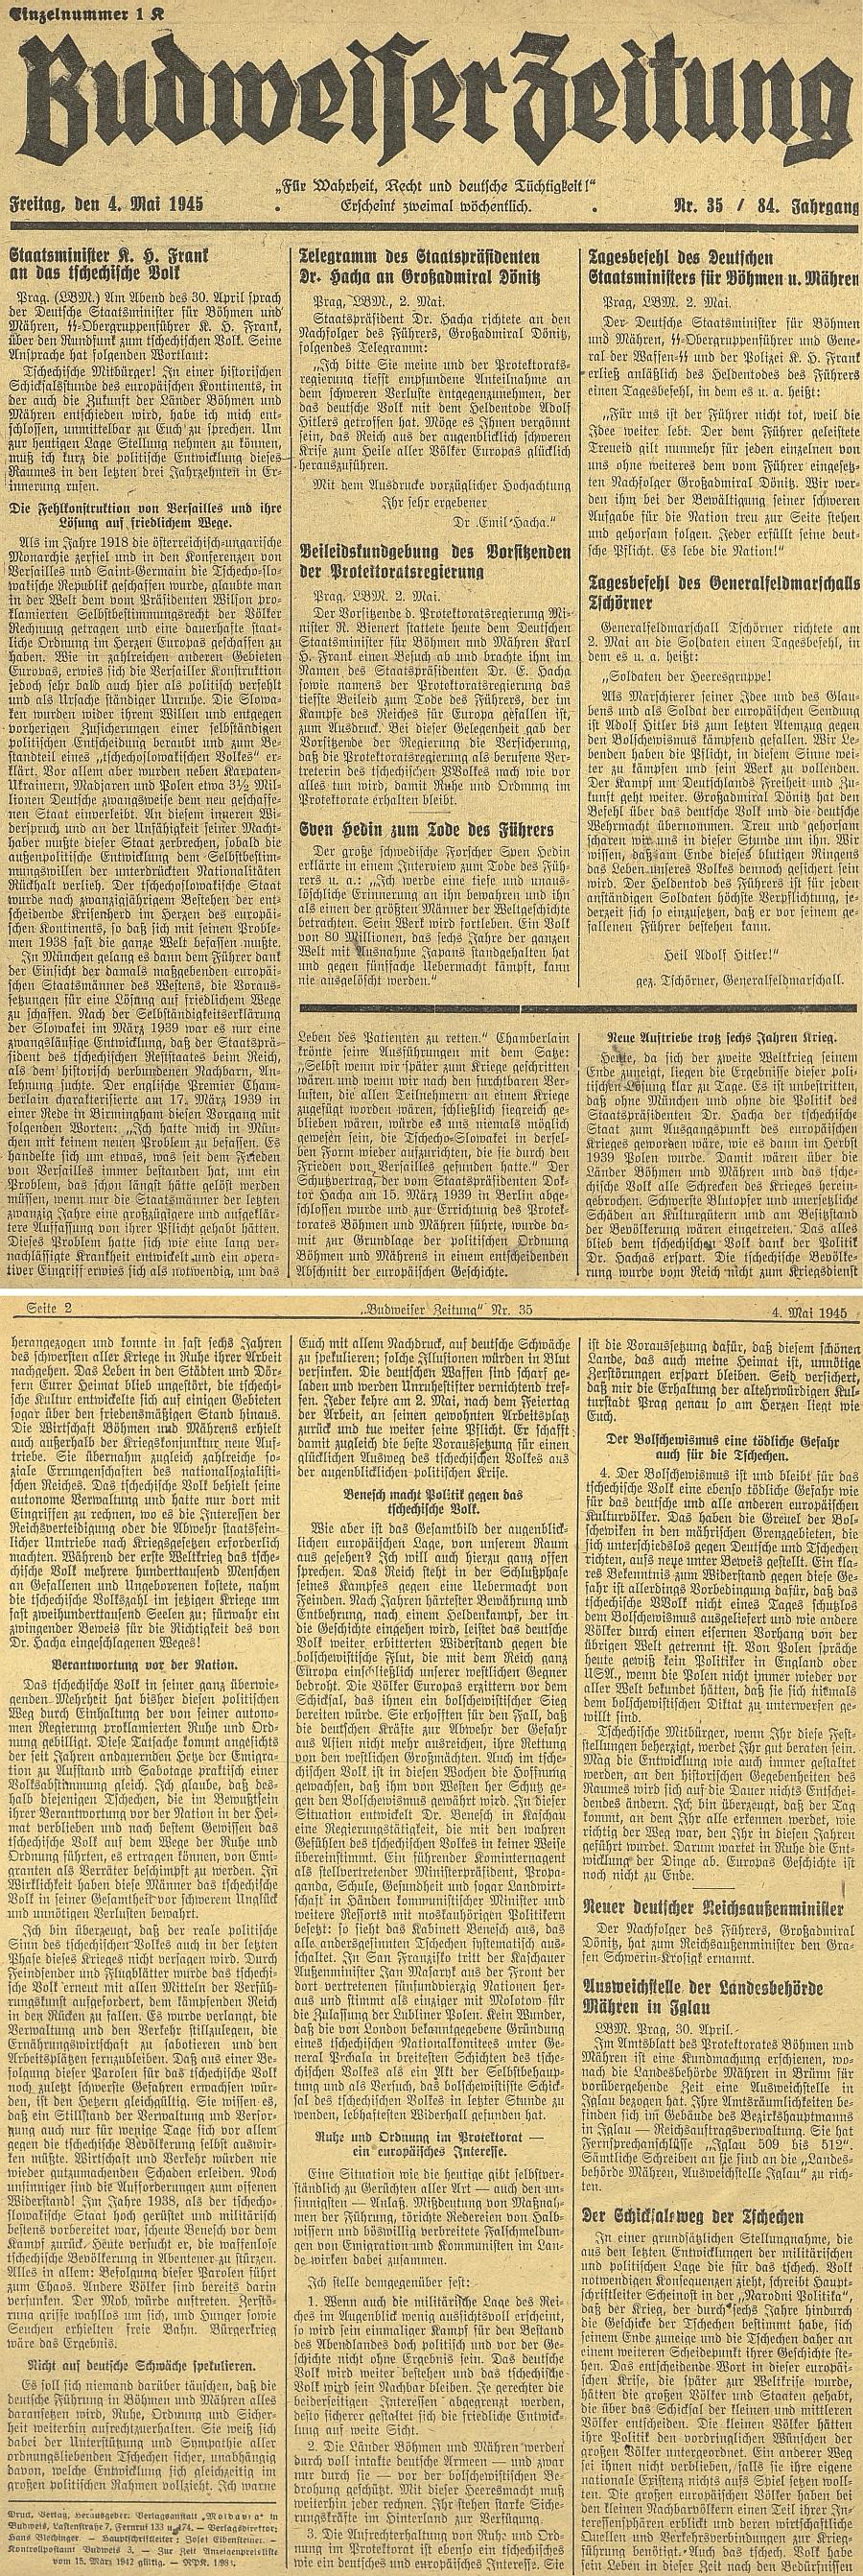 """Tady končí na prvých stranách posledního čísla českobudějovického německého listu z května 1945 rozhlasový projev jeho bratra z 30. dubna 1945 """"k českému lidu"""" varovnými slovy: """"Dějiny Evropy nejsou ještě u konce"""""""